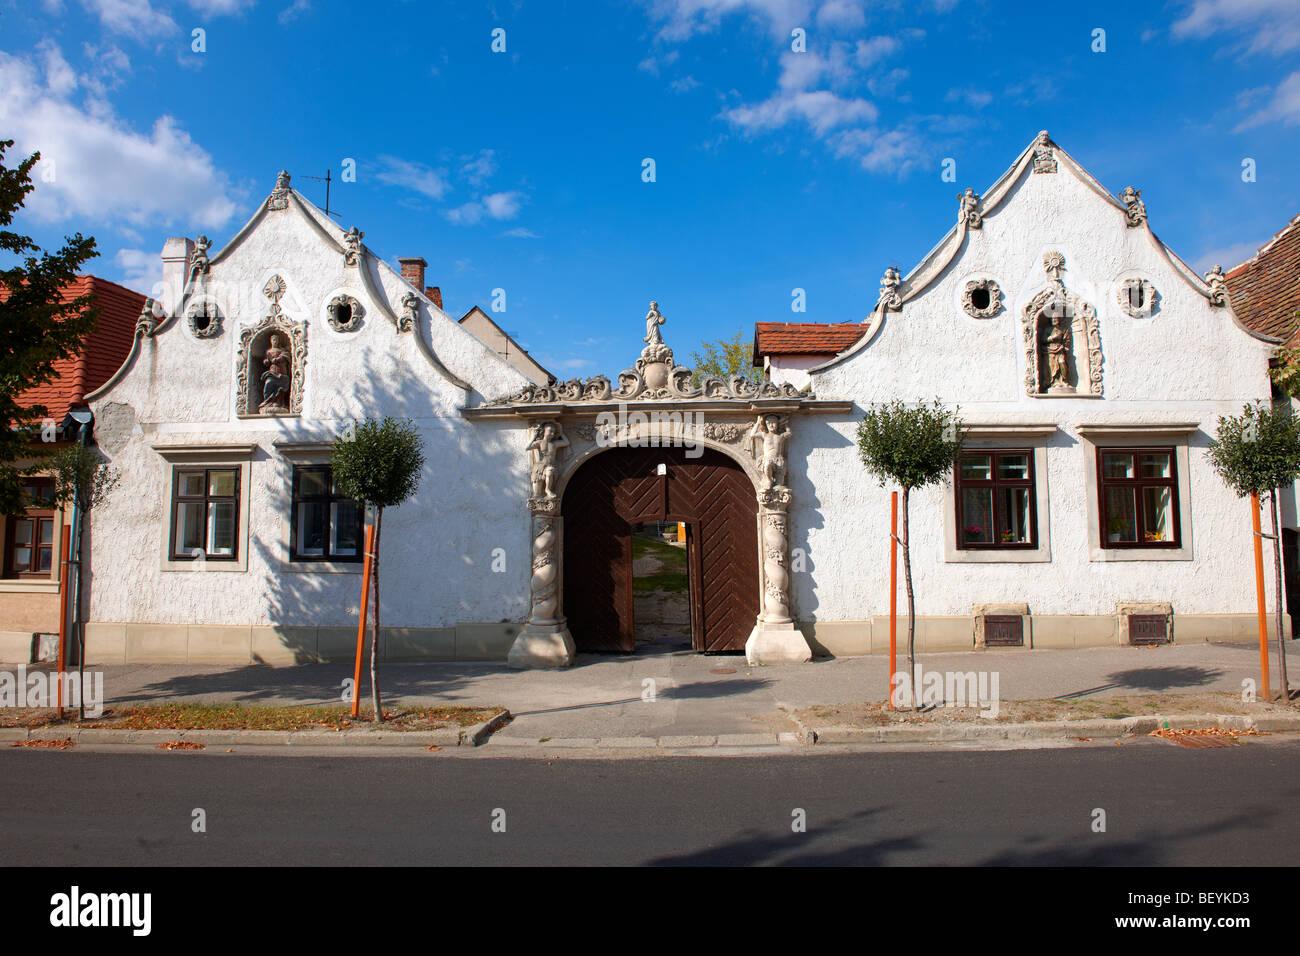 Los dos moros Casa. Arquitectura barroco rústico - Sopron, Hungría Imagen De Stock